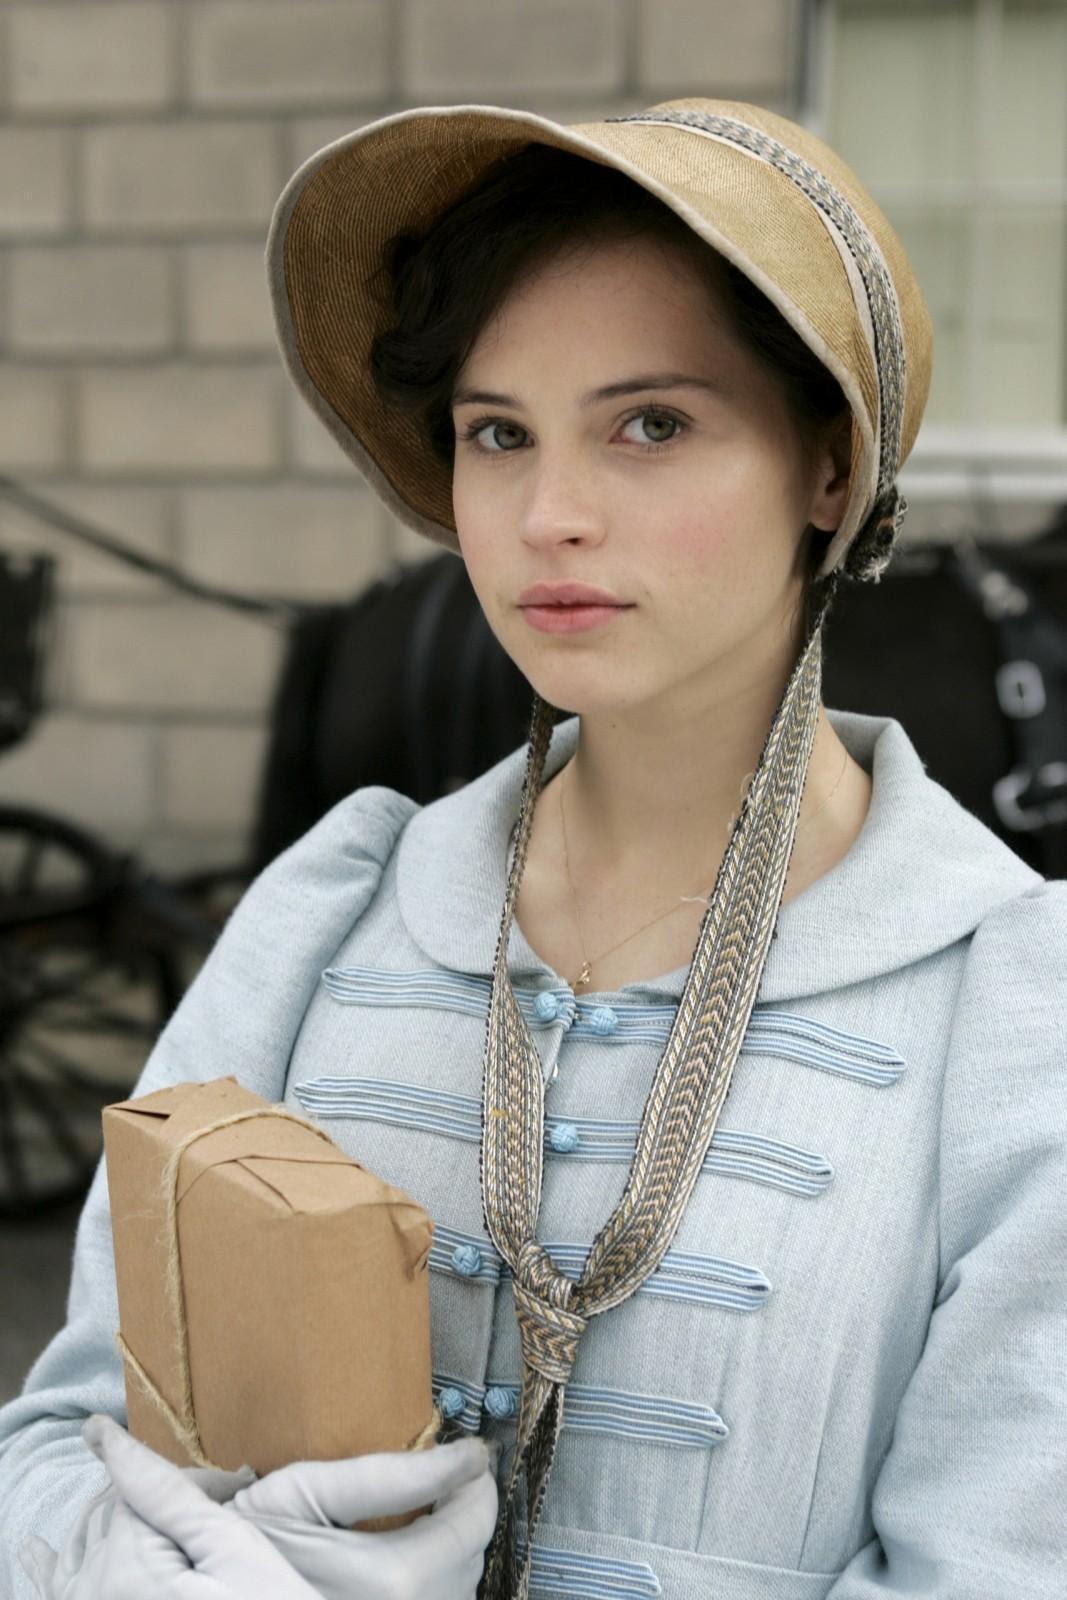 Catherine-Morland-personajes-Jane-Austen-book-tag-interesante-opinión-libros-blogs-blogger-nominacion